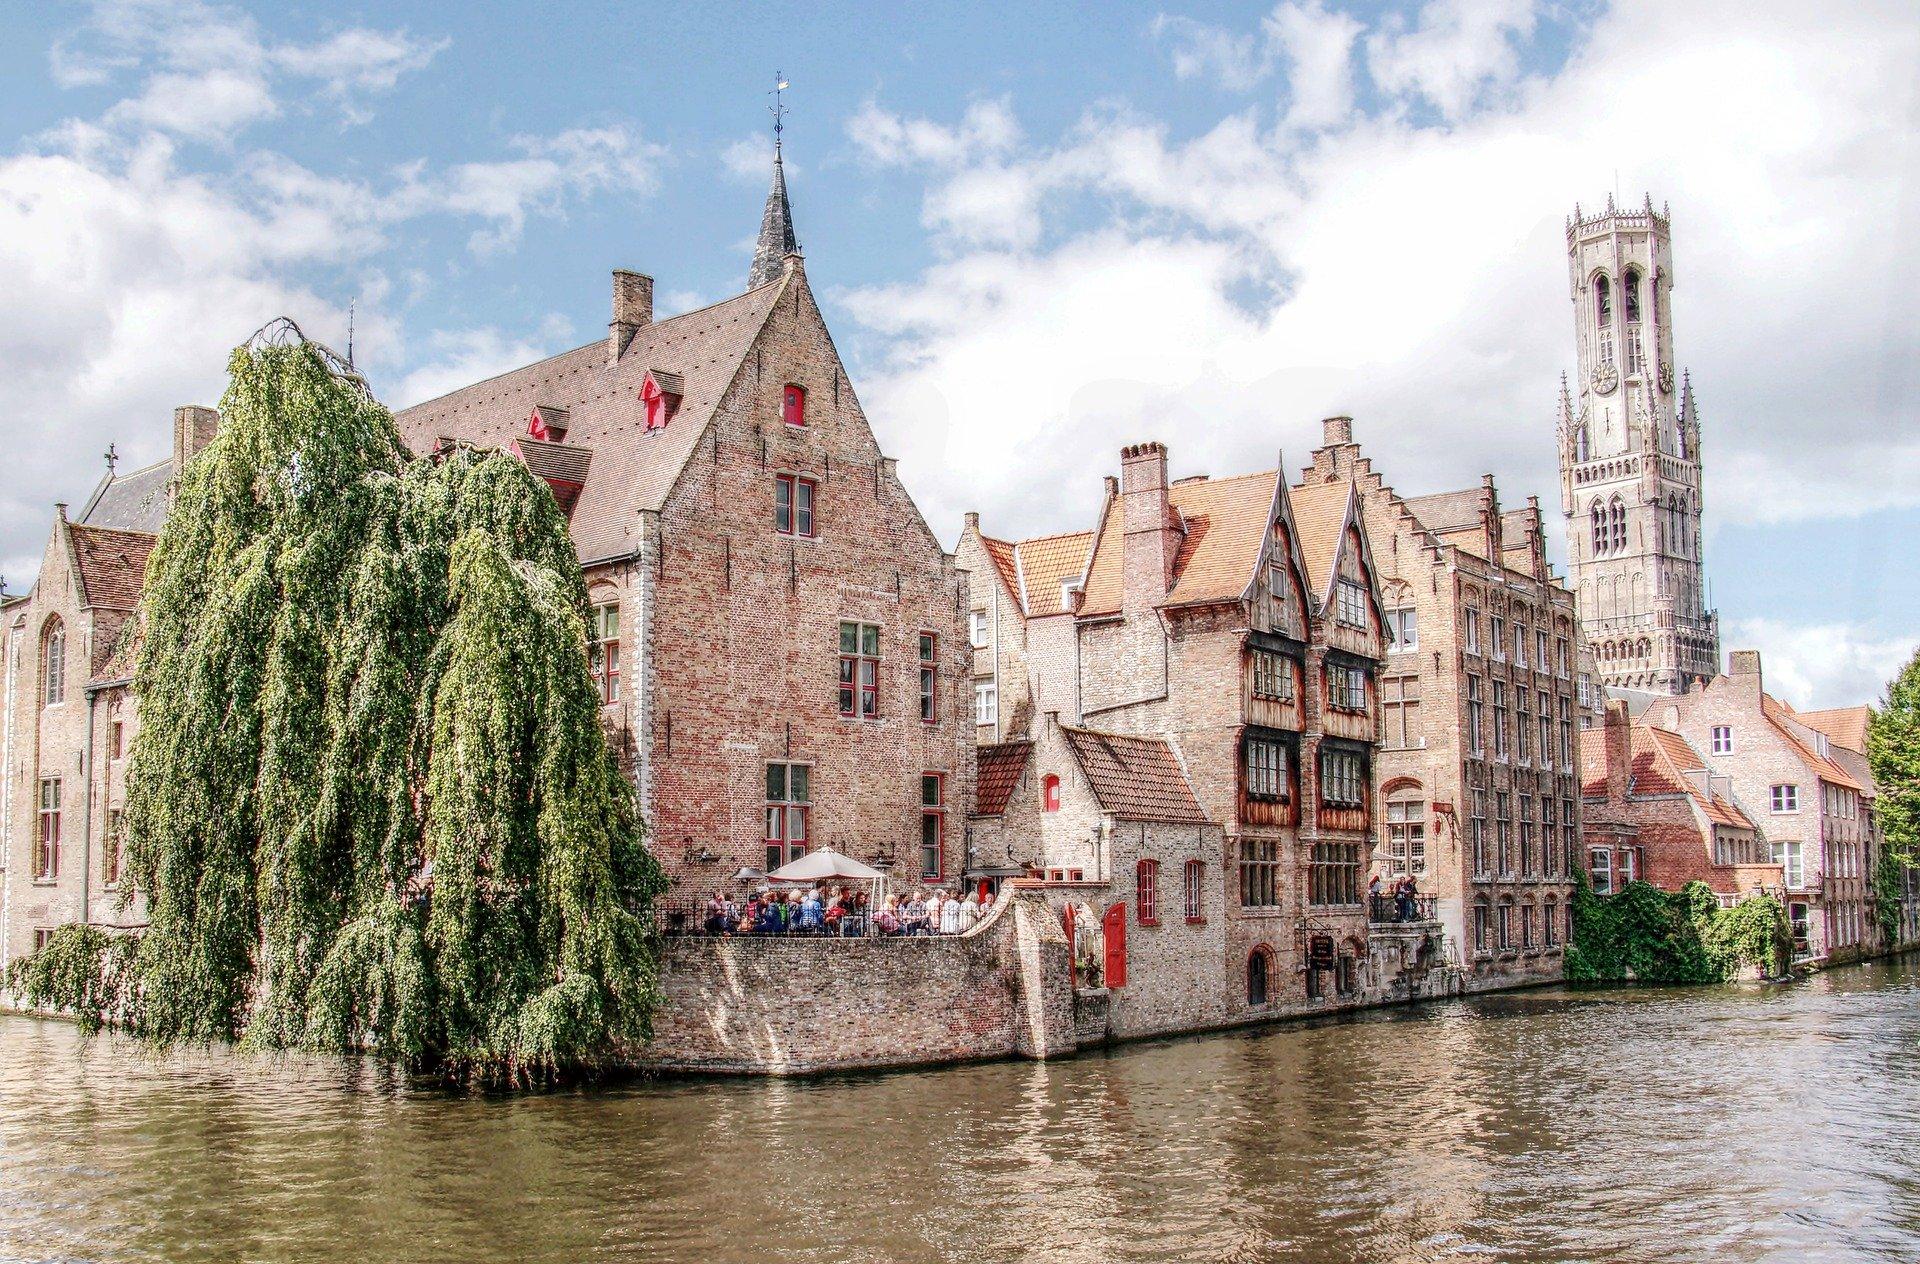 Comment vendre un bien immobilier en Belgique après un héritage ?